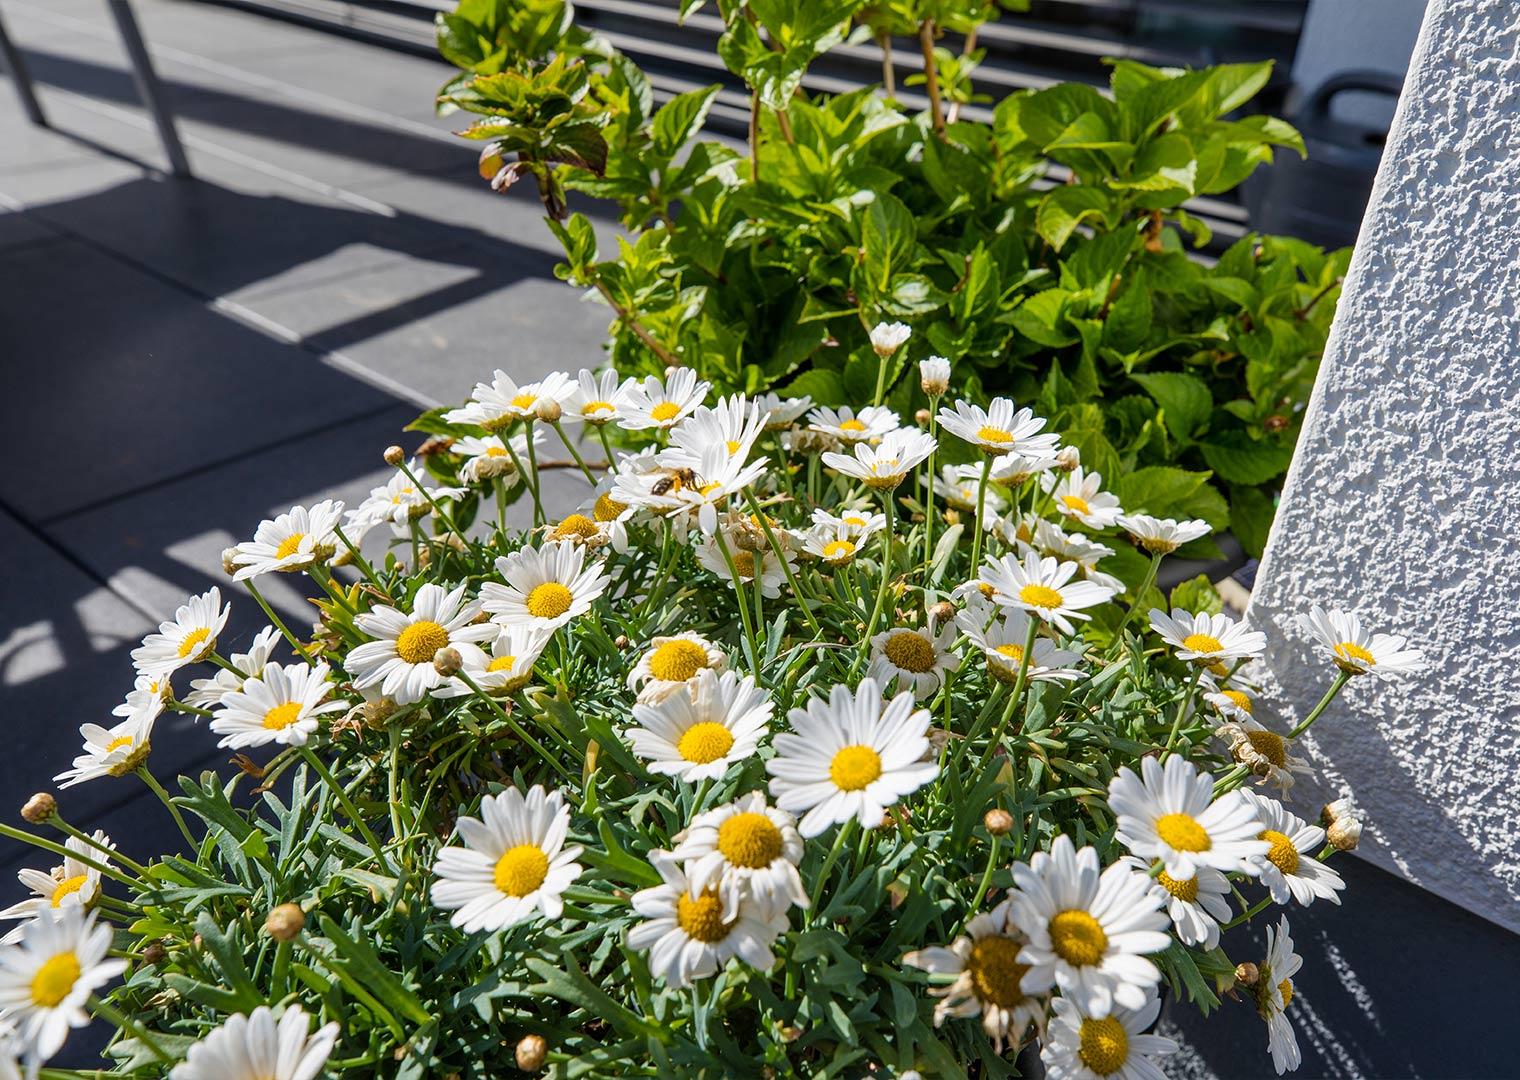 Link zur Bilddatei: koetter_galabau_landschaftsbau_soest_rasen_und_bepflanzung_galeriebild_04